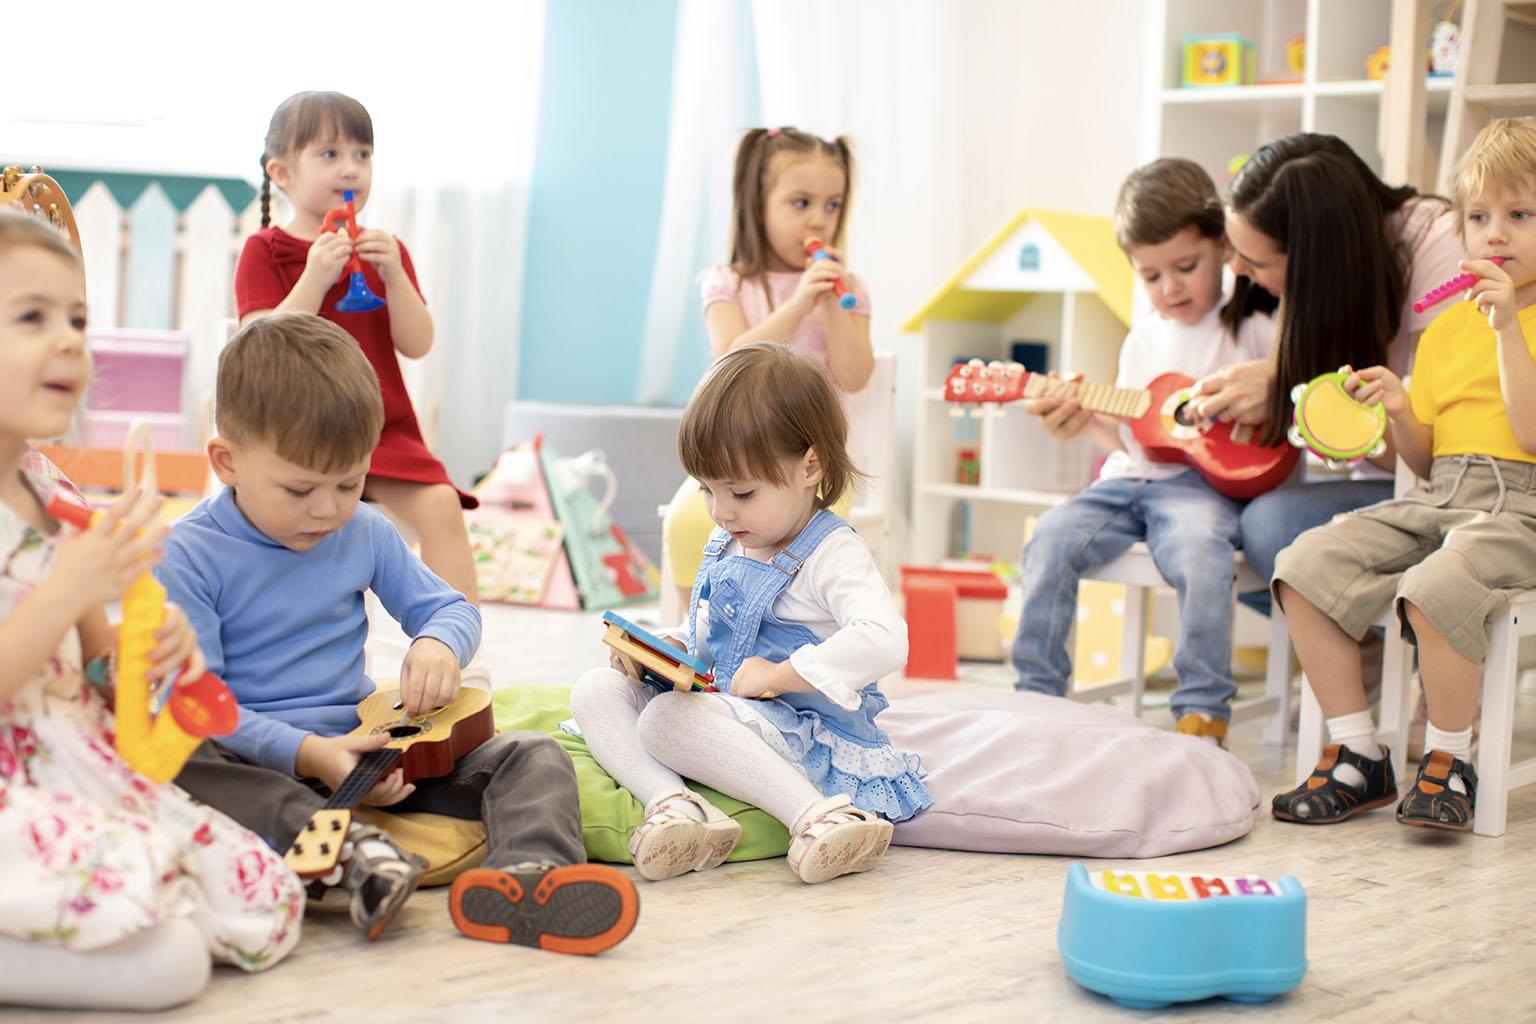 Jak rozwinąć wyobraźnię dziecka? Poznaj 5 fajnych zabaw dla dzieci.